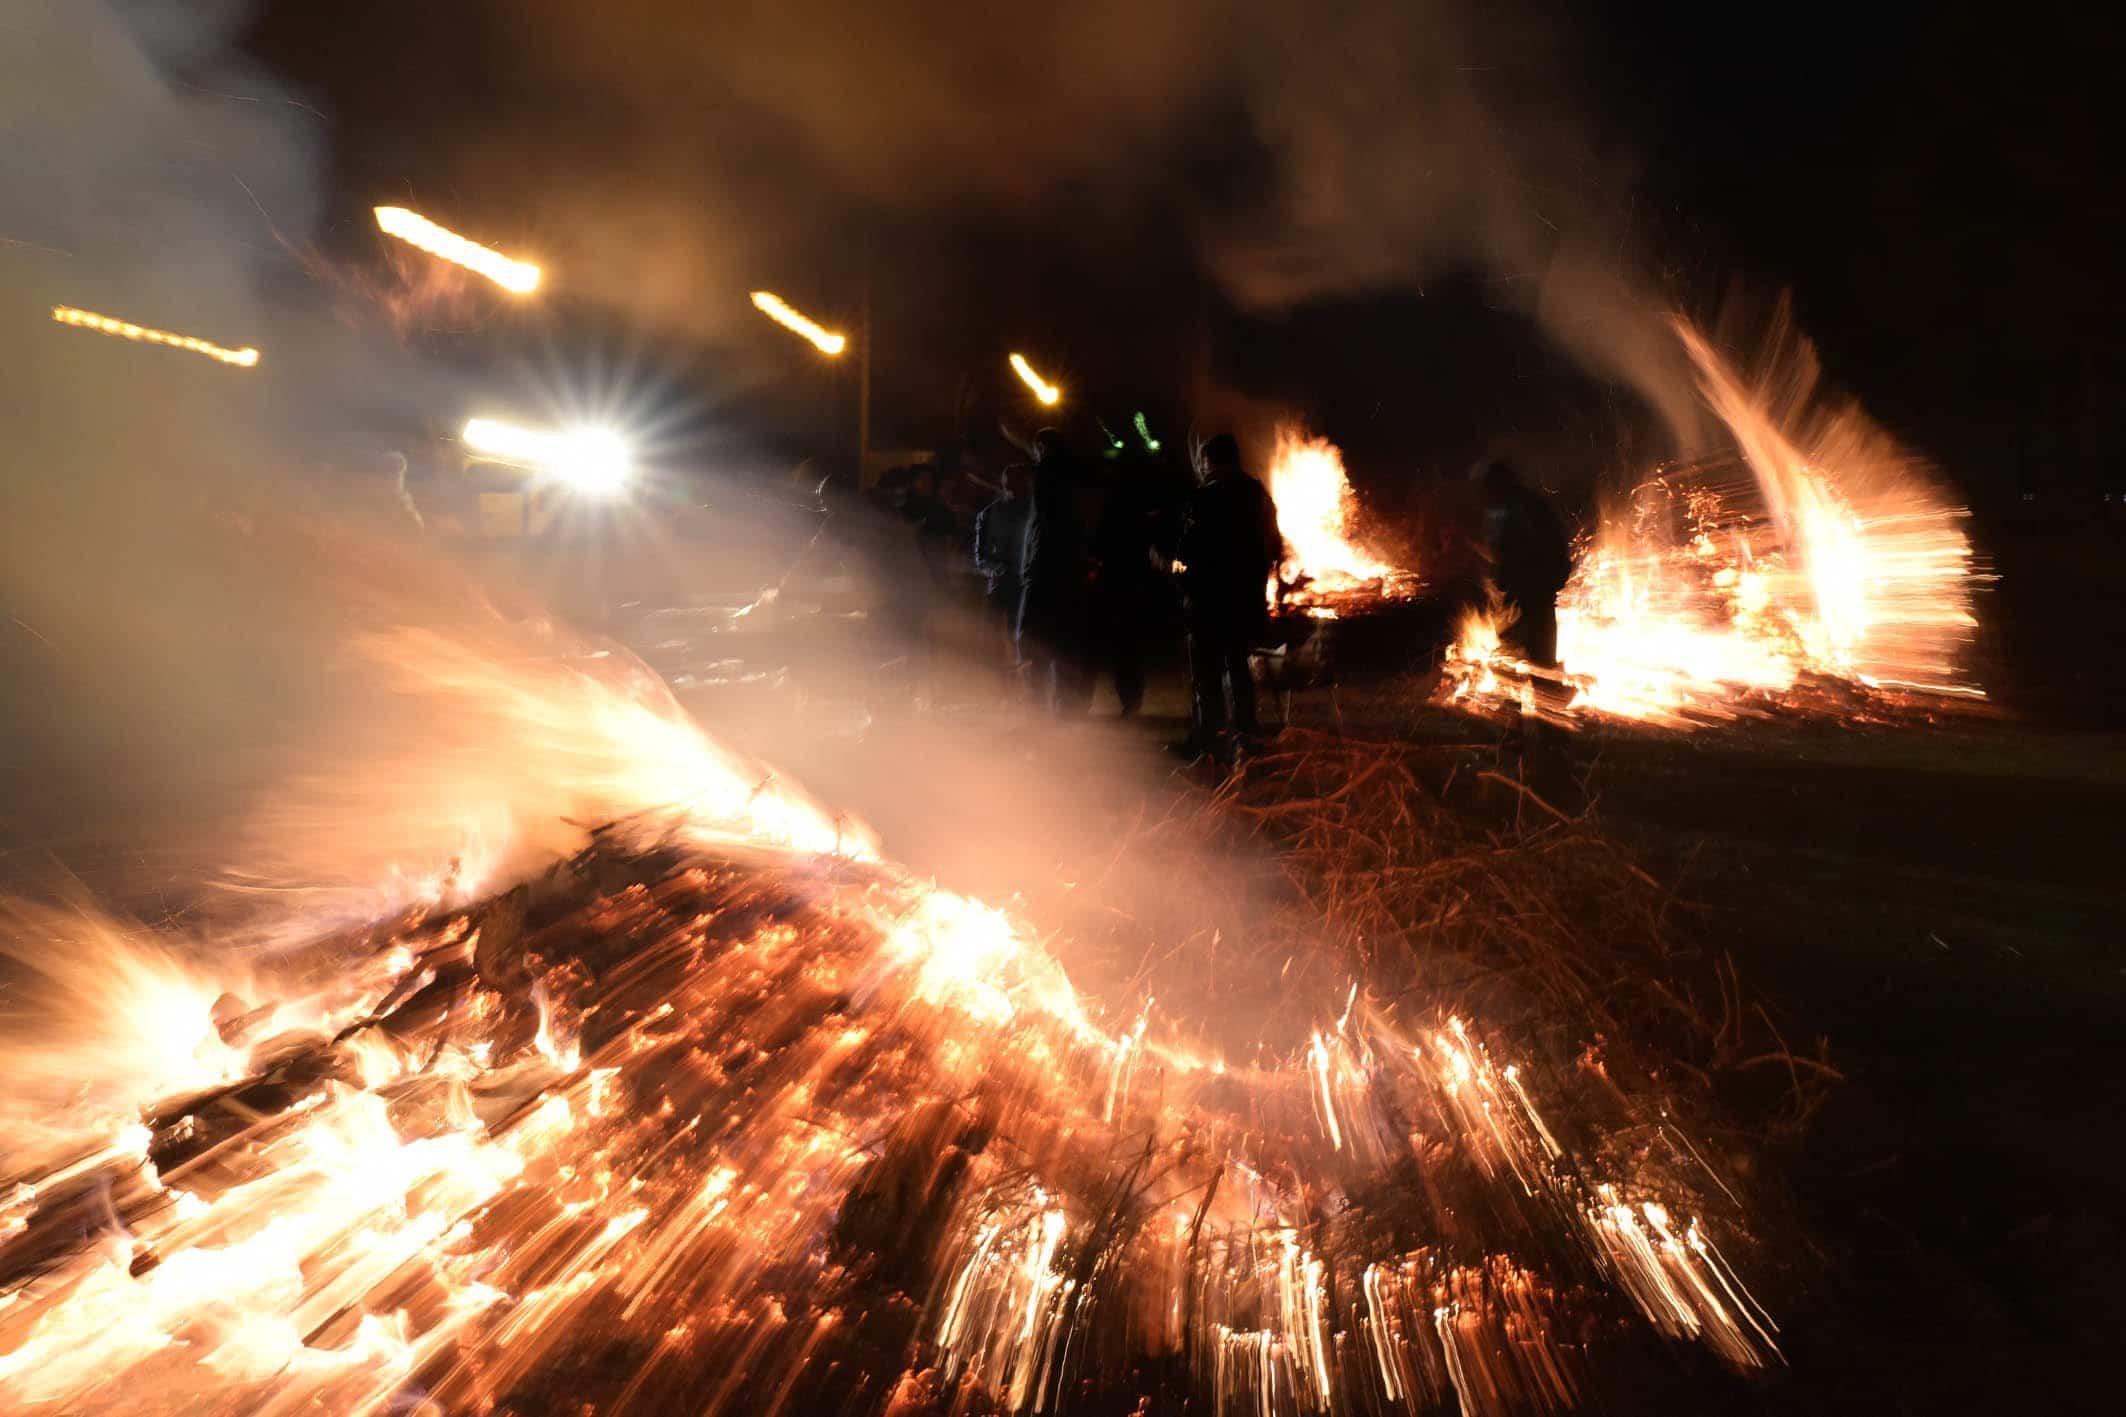 20200115 Precaucion lumbres y braseros Comsermancha - Comsermancha pide precaución al deshacerse de los restos de hogueras, braseros o estufas en los contenedores